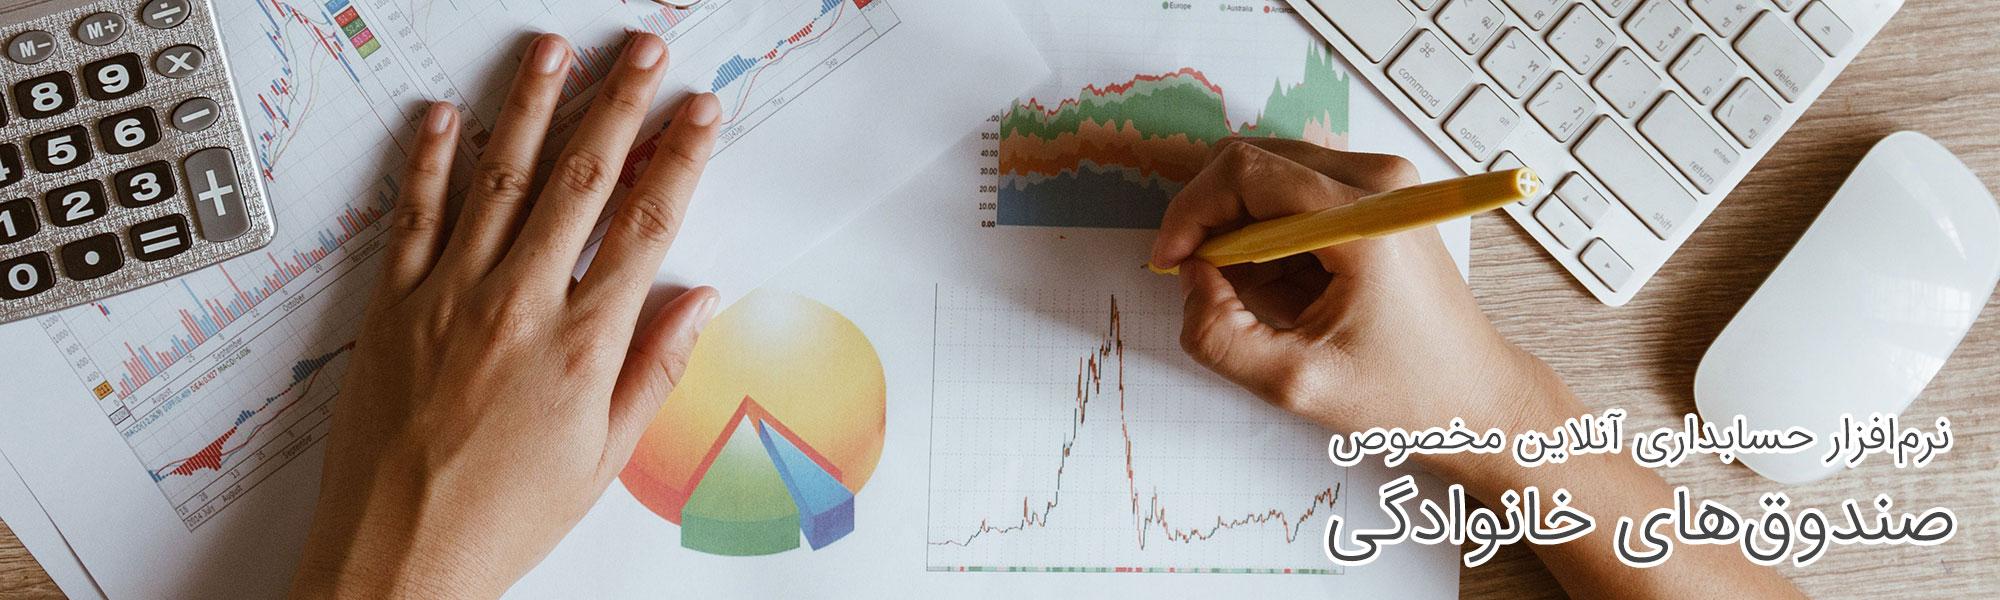 نرم افزار حسابداری آنلاین مخصوص صندوقهای خانوادگی